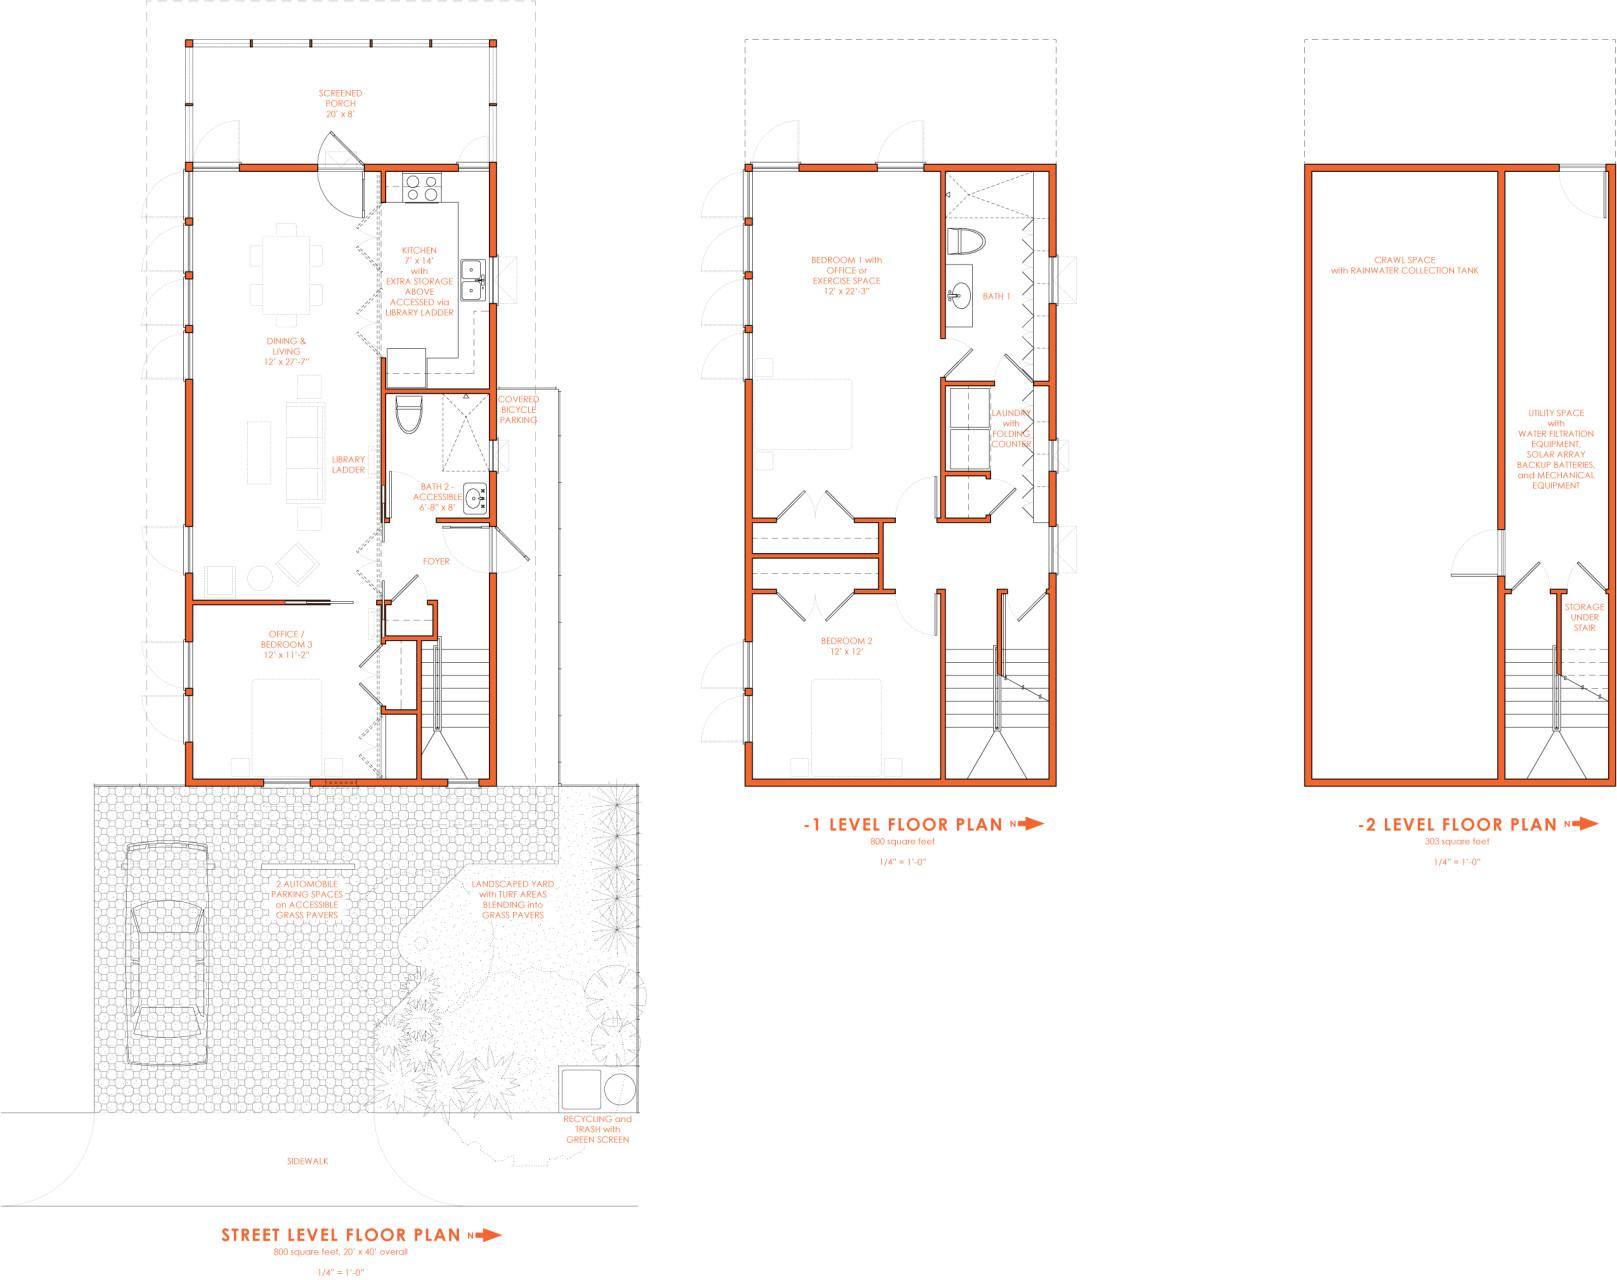 226-Floor Plans